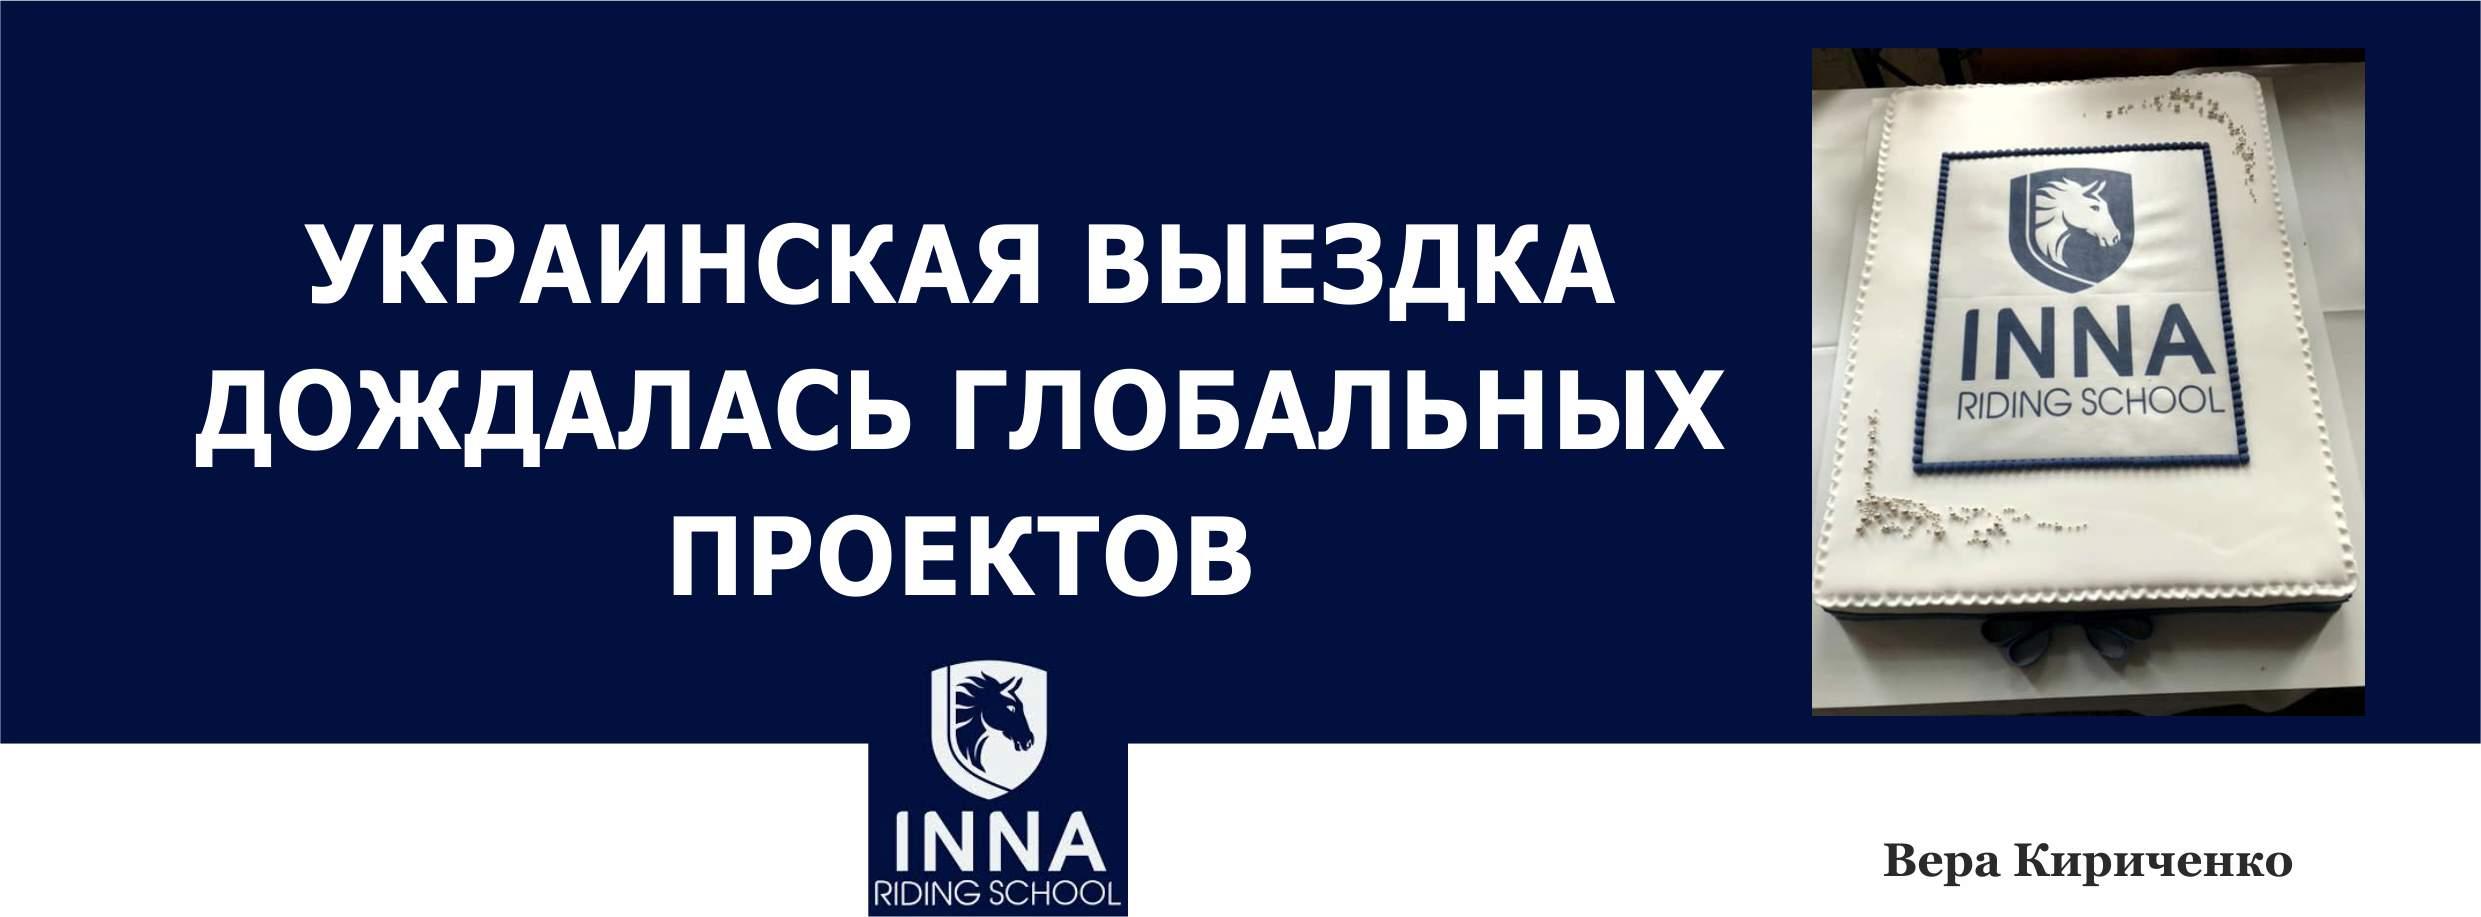 Украинская выездка дождалась глобальных проектов